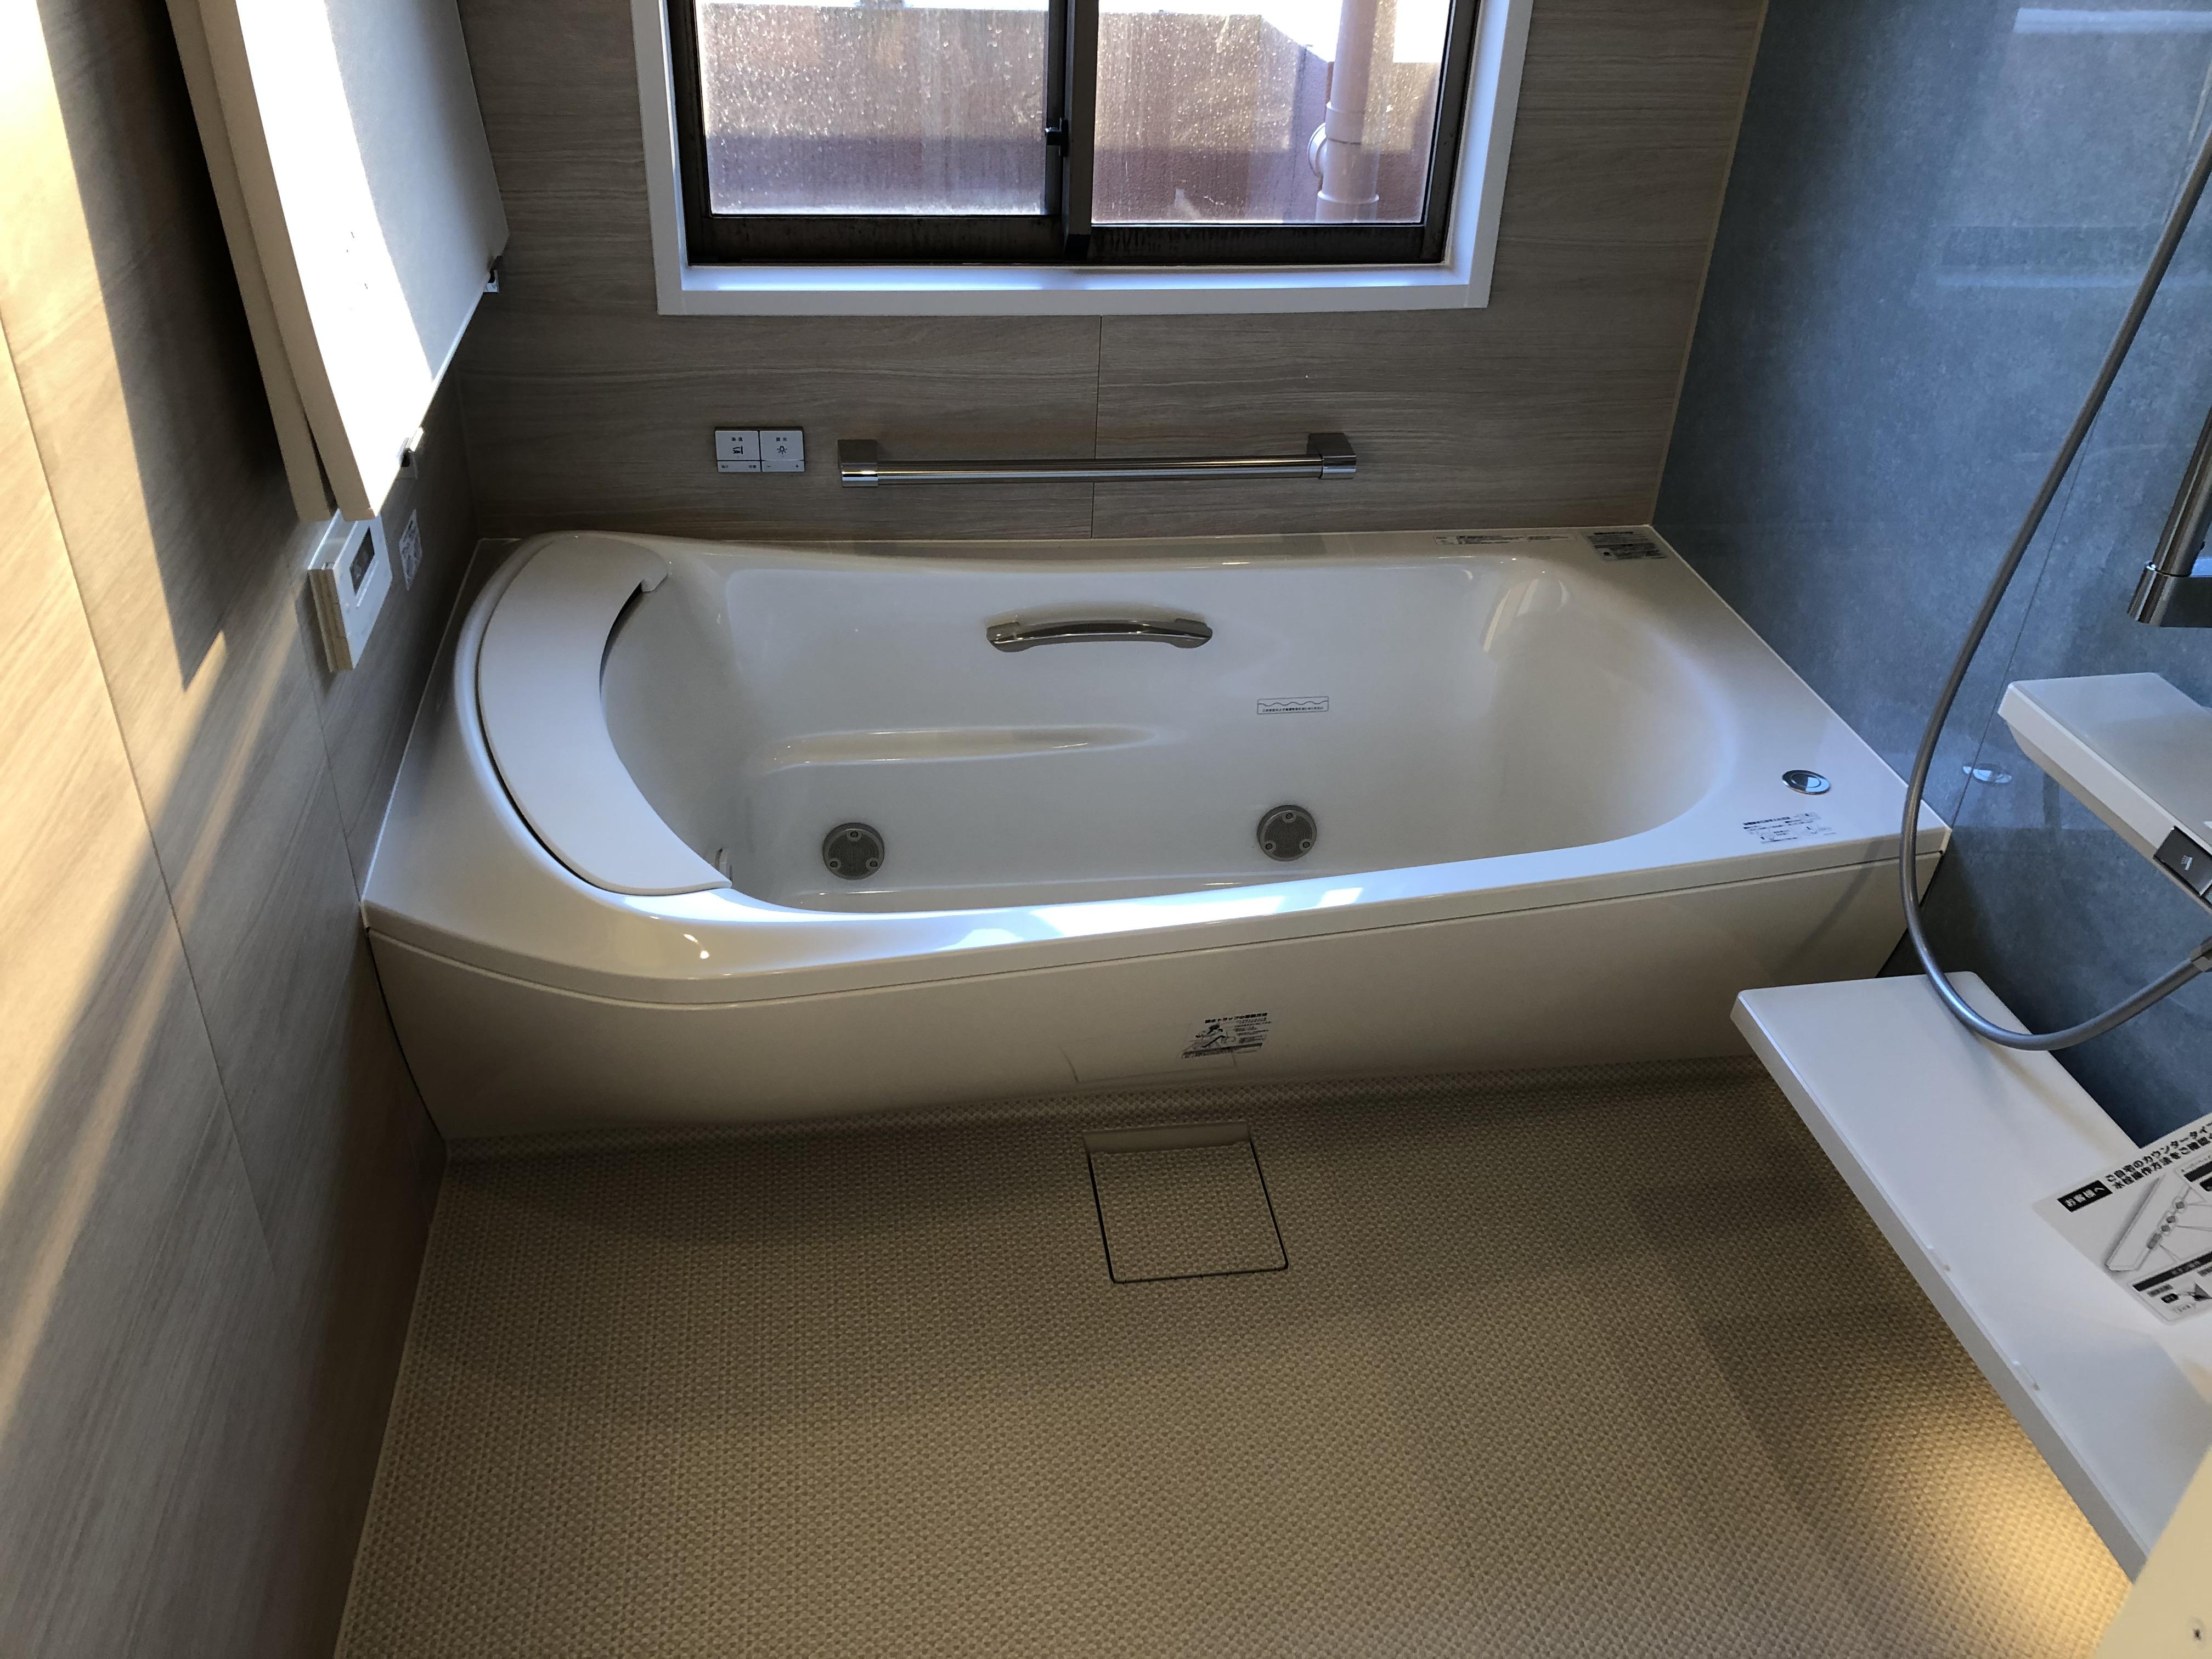 ワンランク上の浴室 TOTO『シンラ』完成しました!